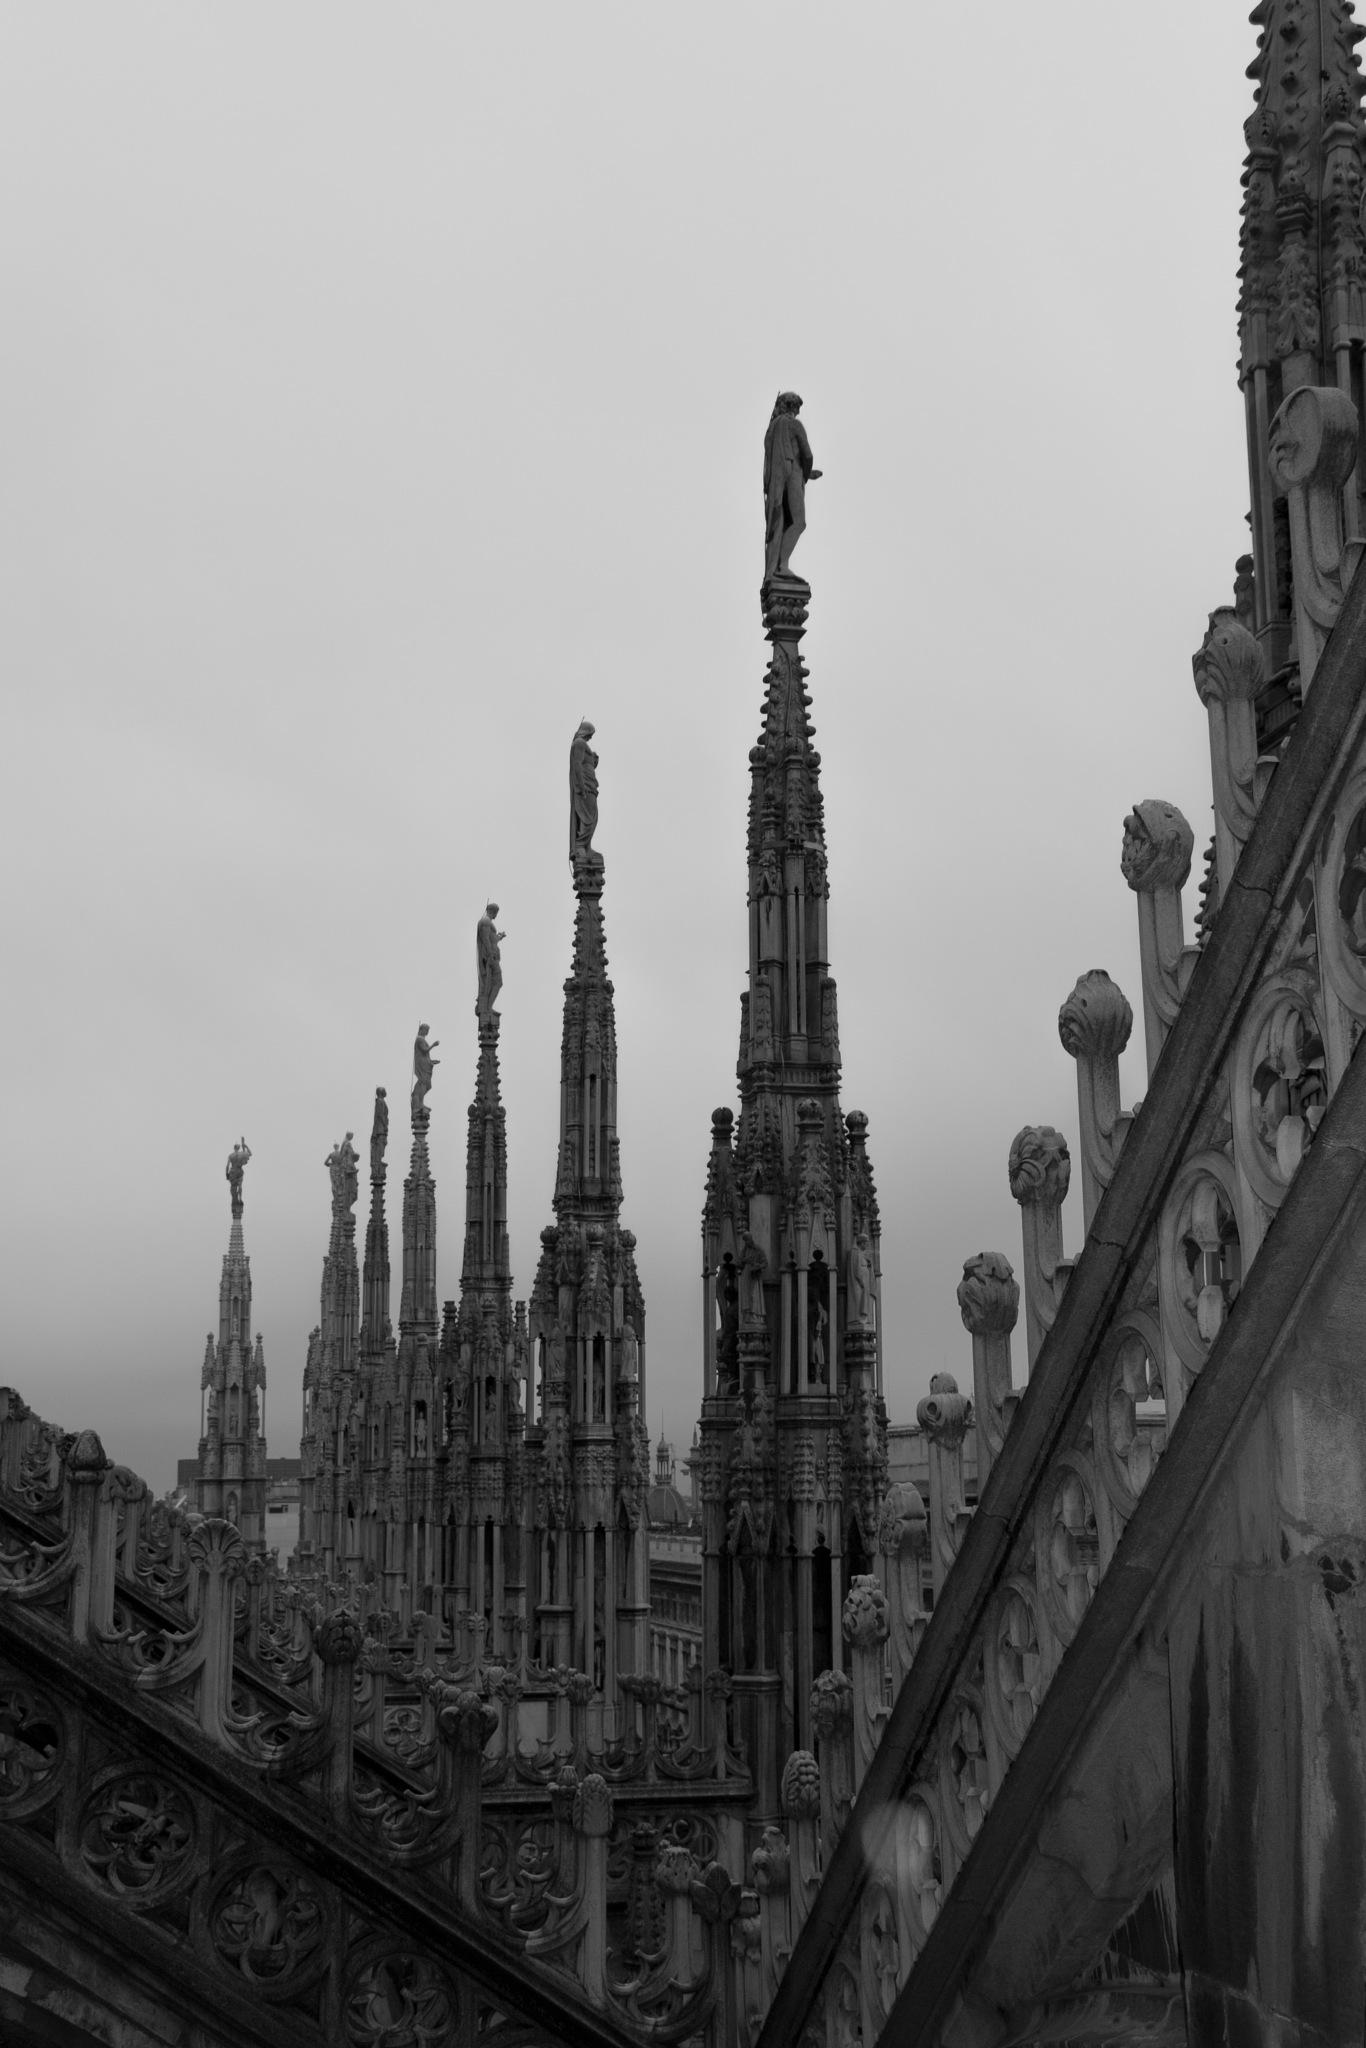 Milano Amore by LichtundSchatten